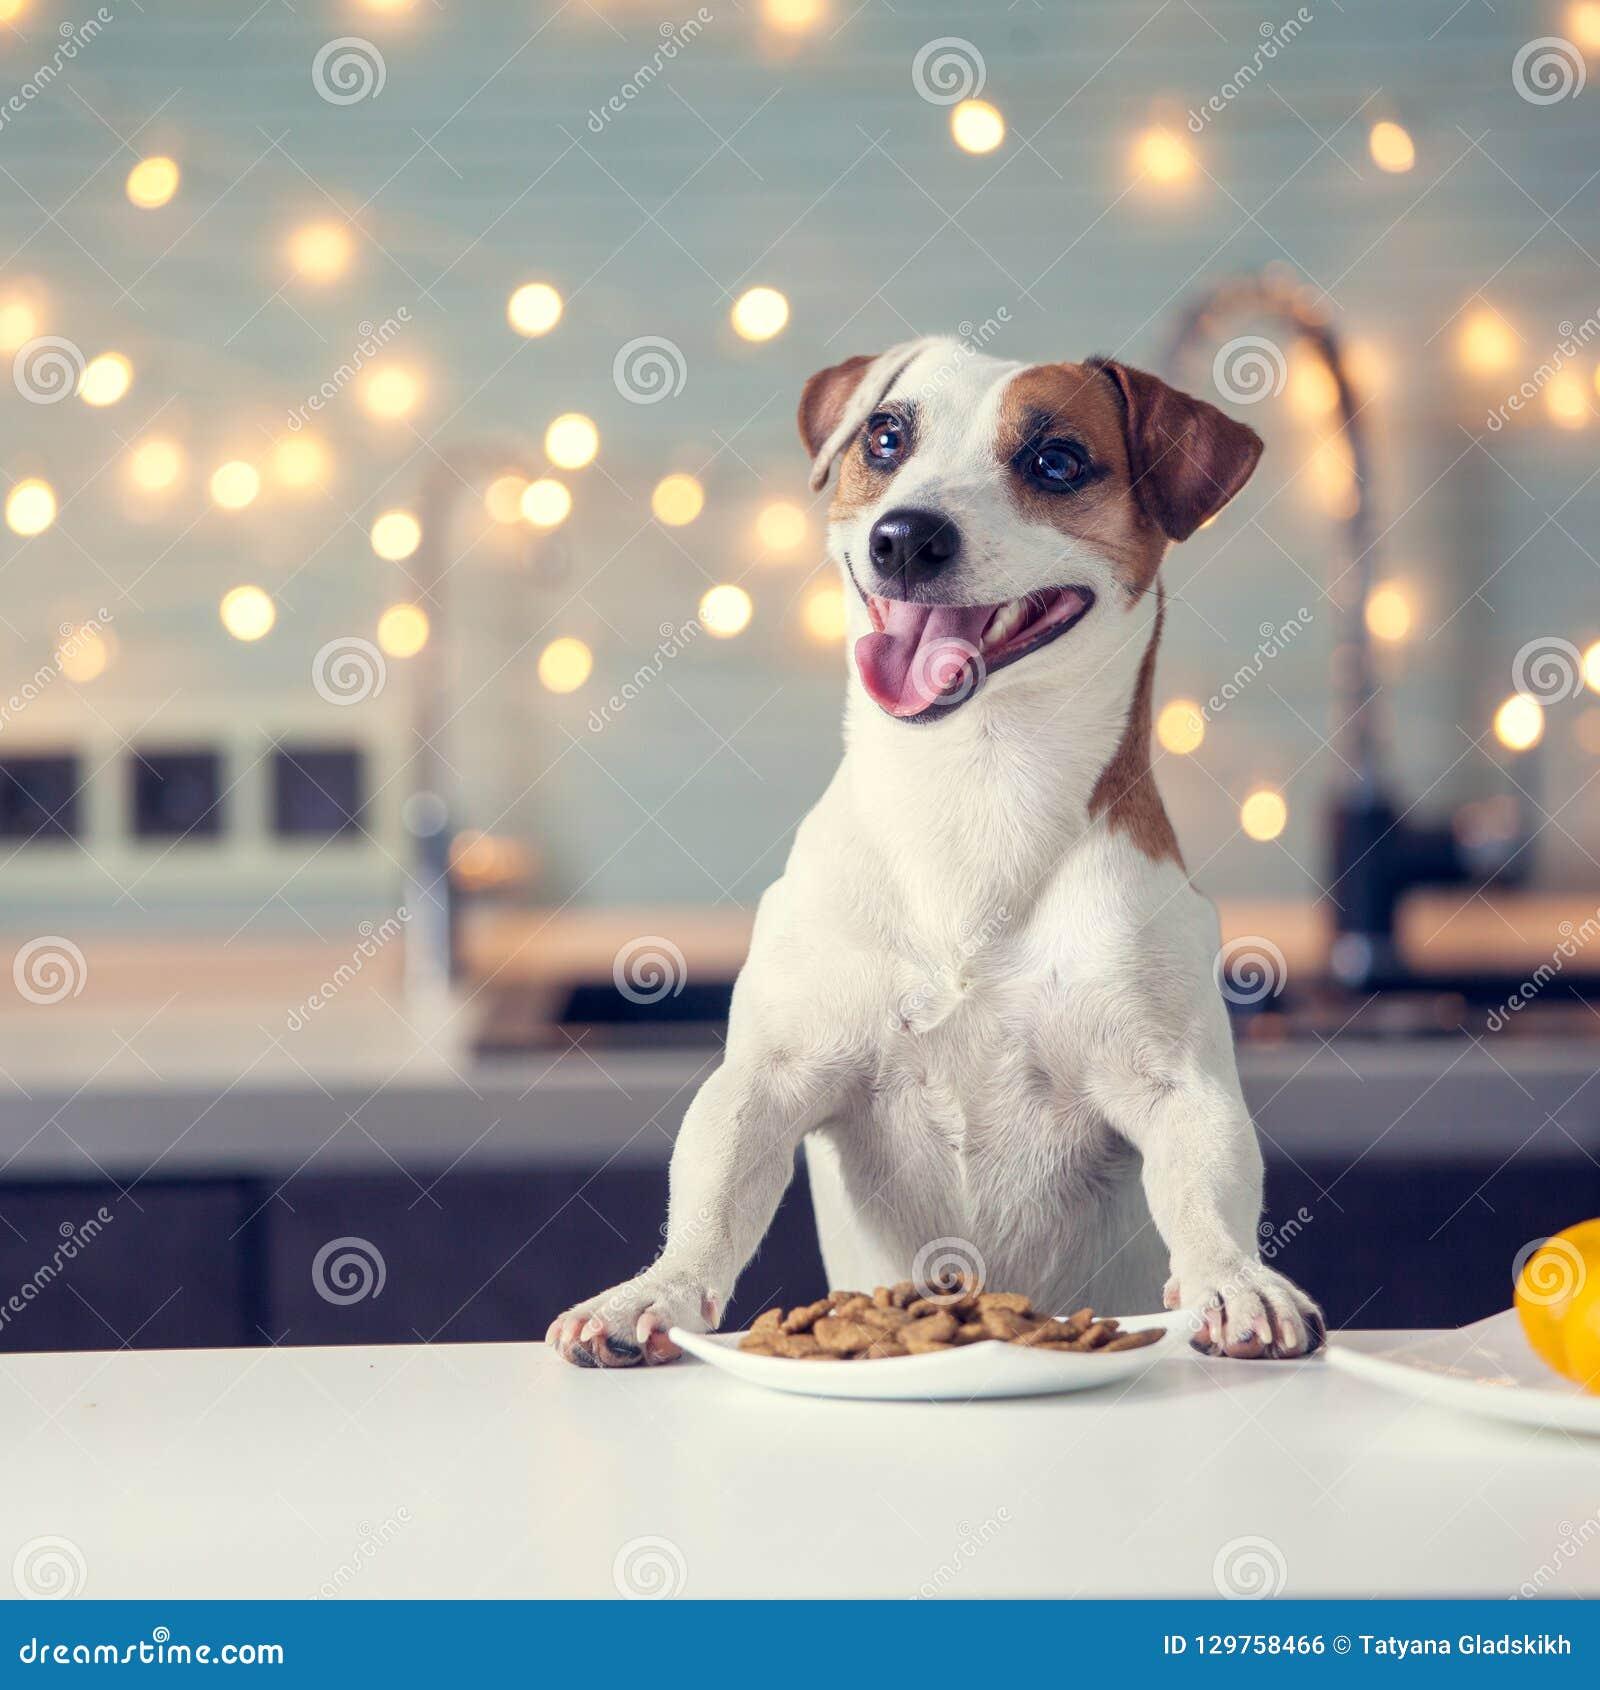 Dog eating food at home